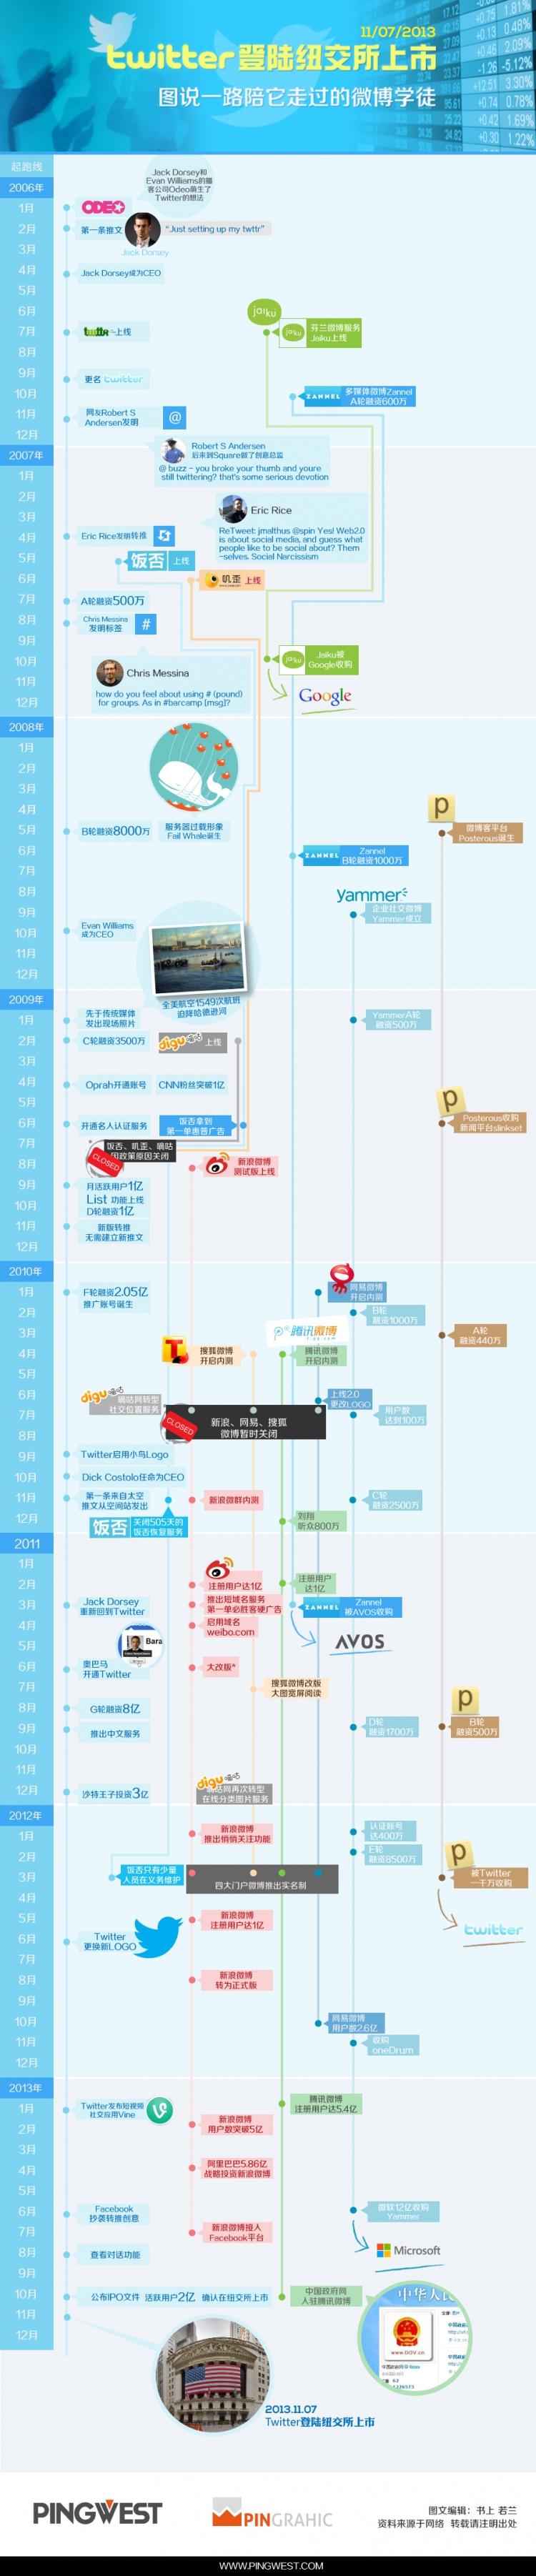 【模仿者ppt素材】【演界信息图表】时间轴-twitter的